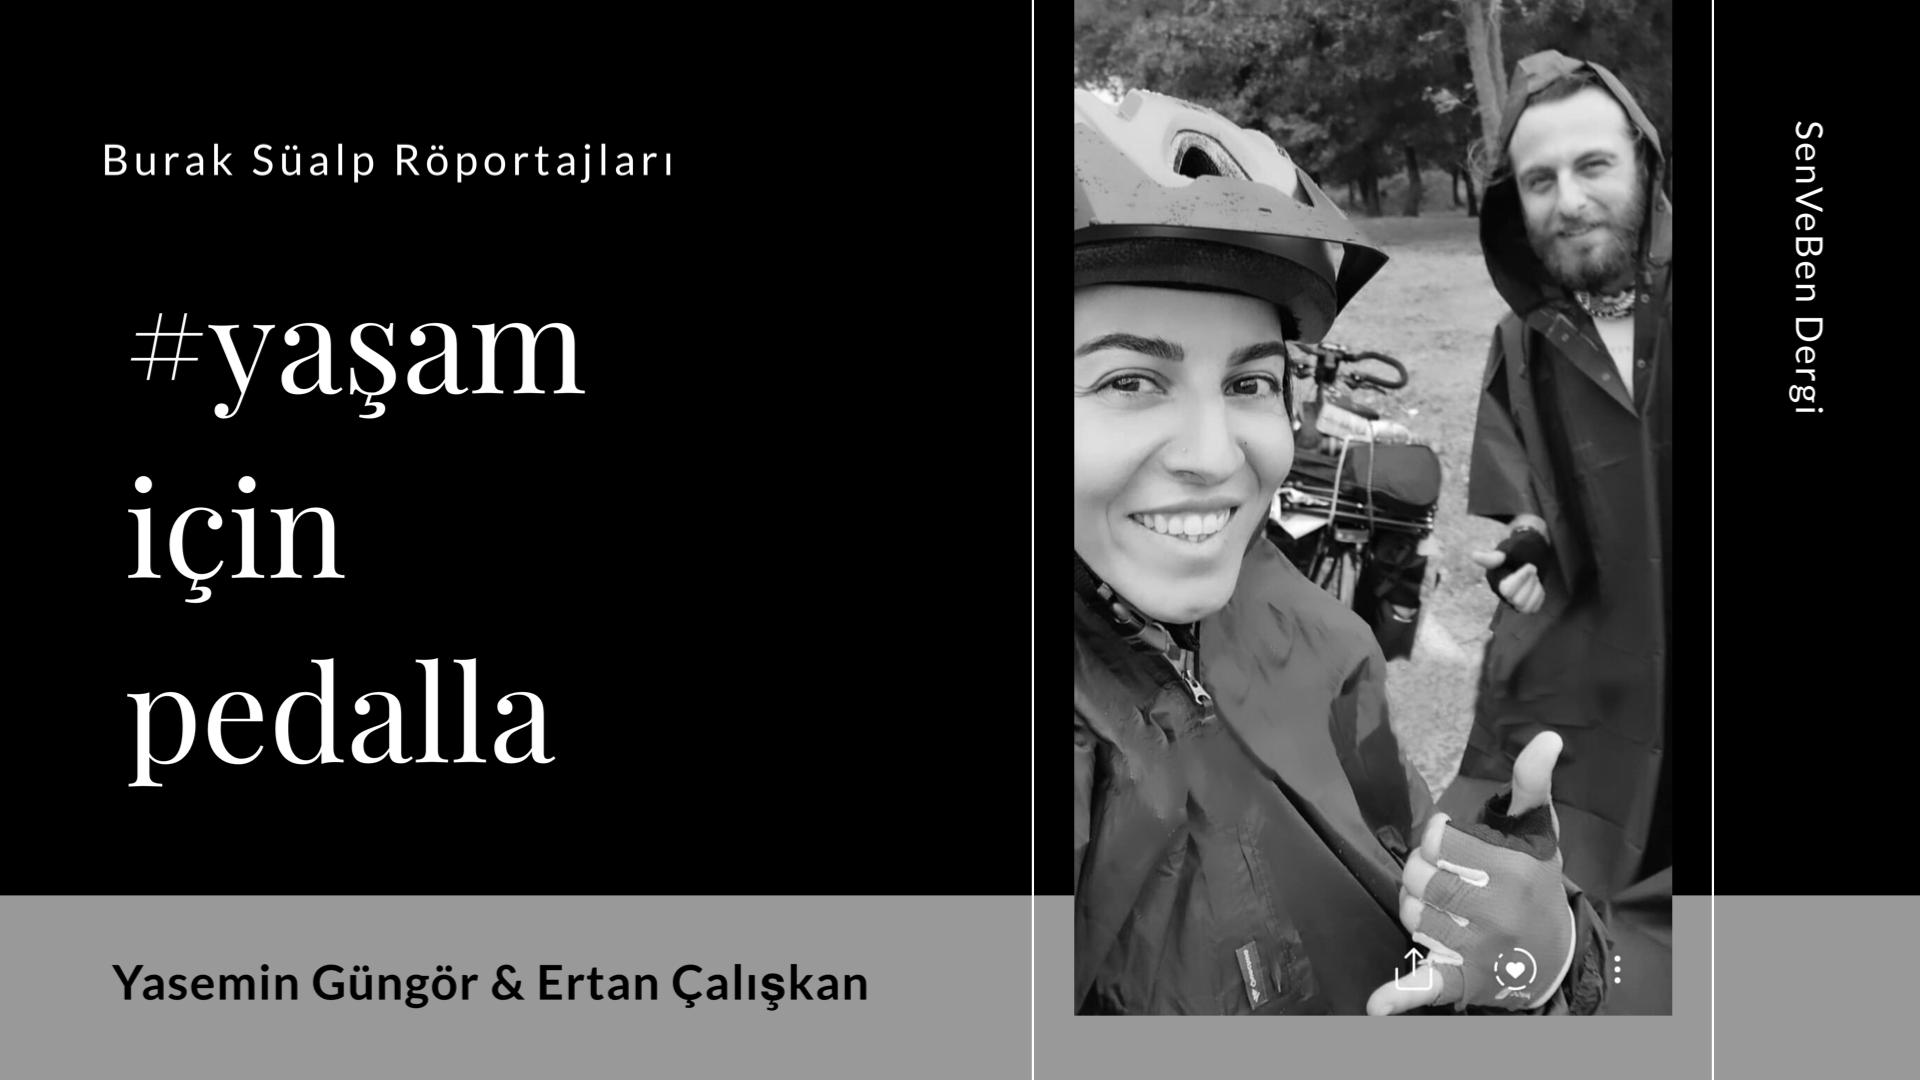 Burak Süalp Röportajları   Yaşam İçin Pedalla   Ertan Çalışkan & Yasemin Güngör